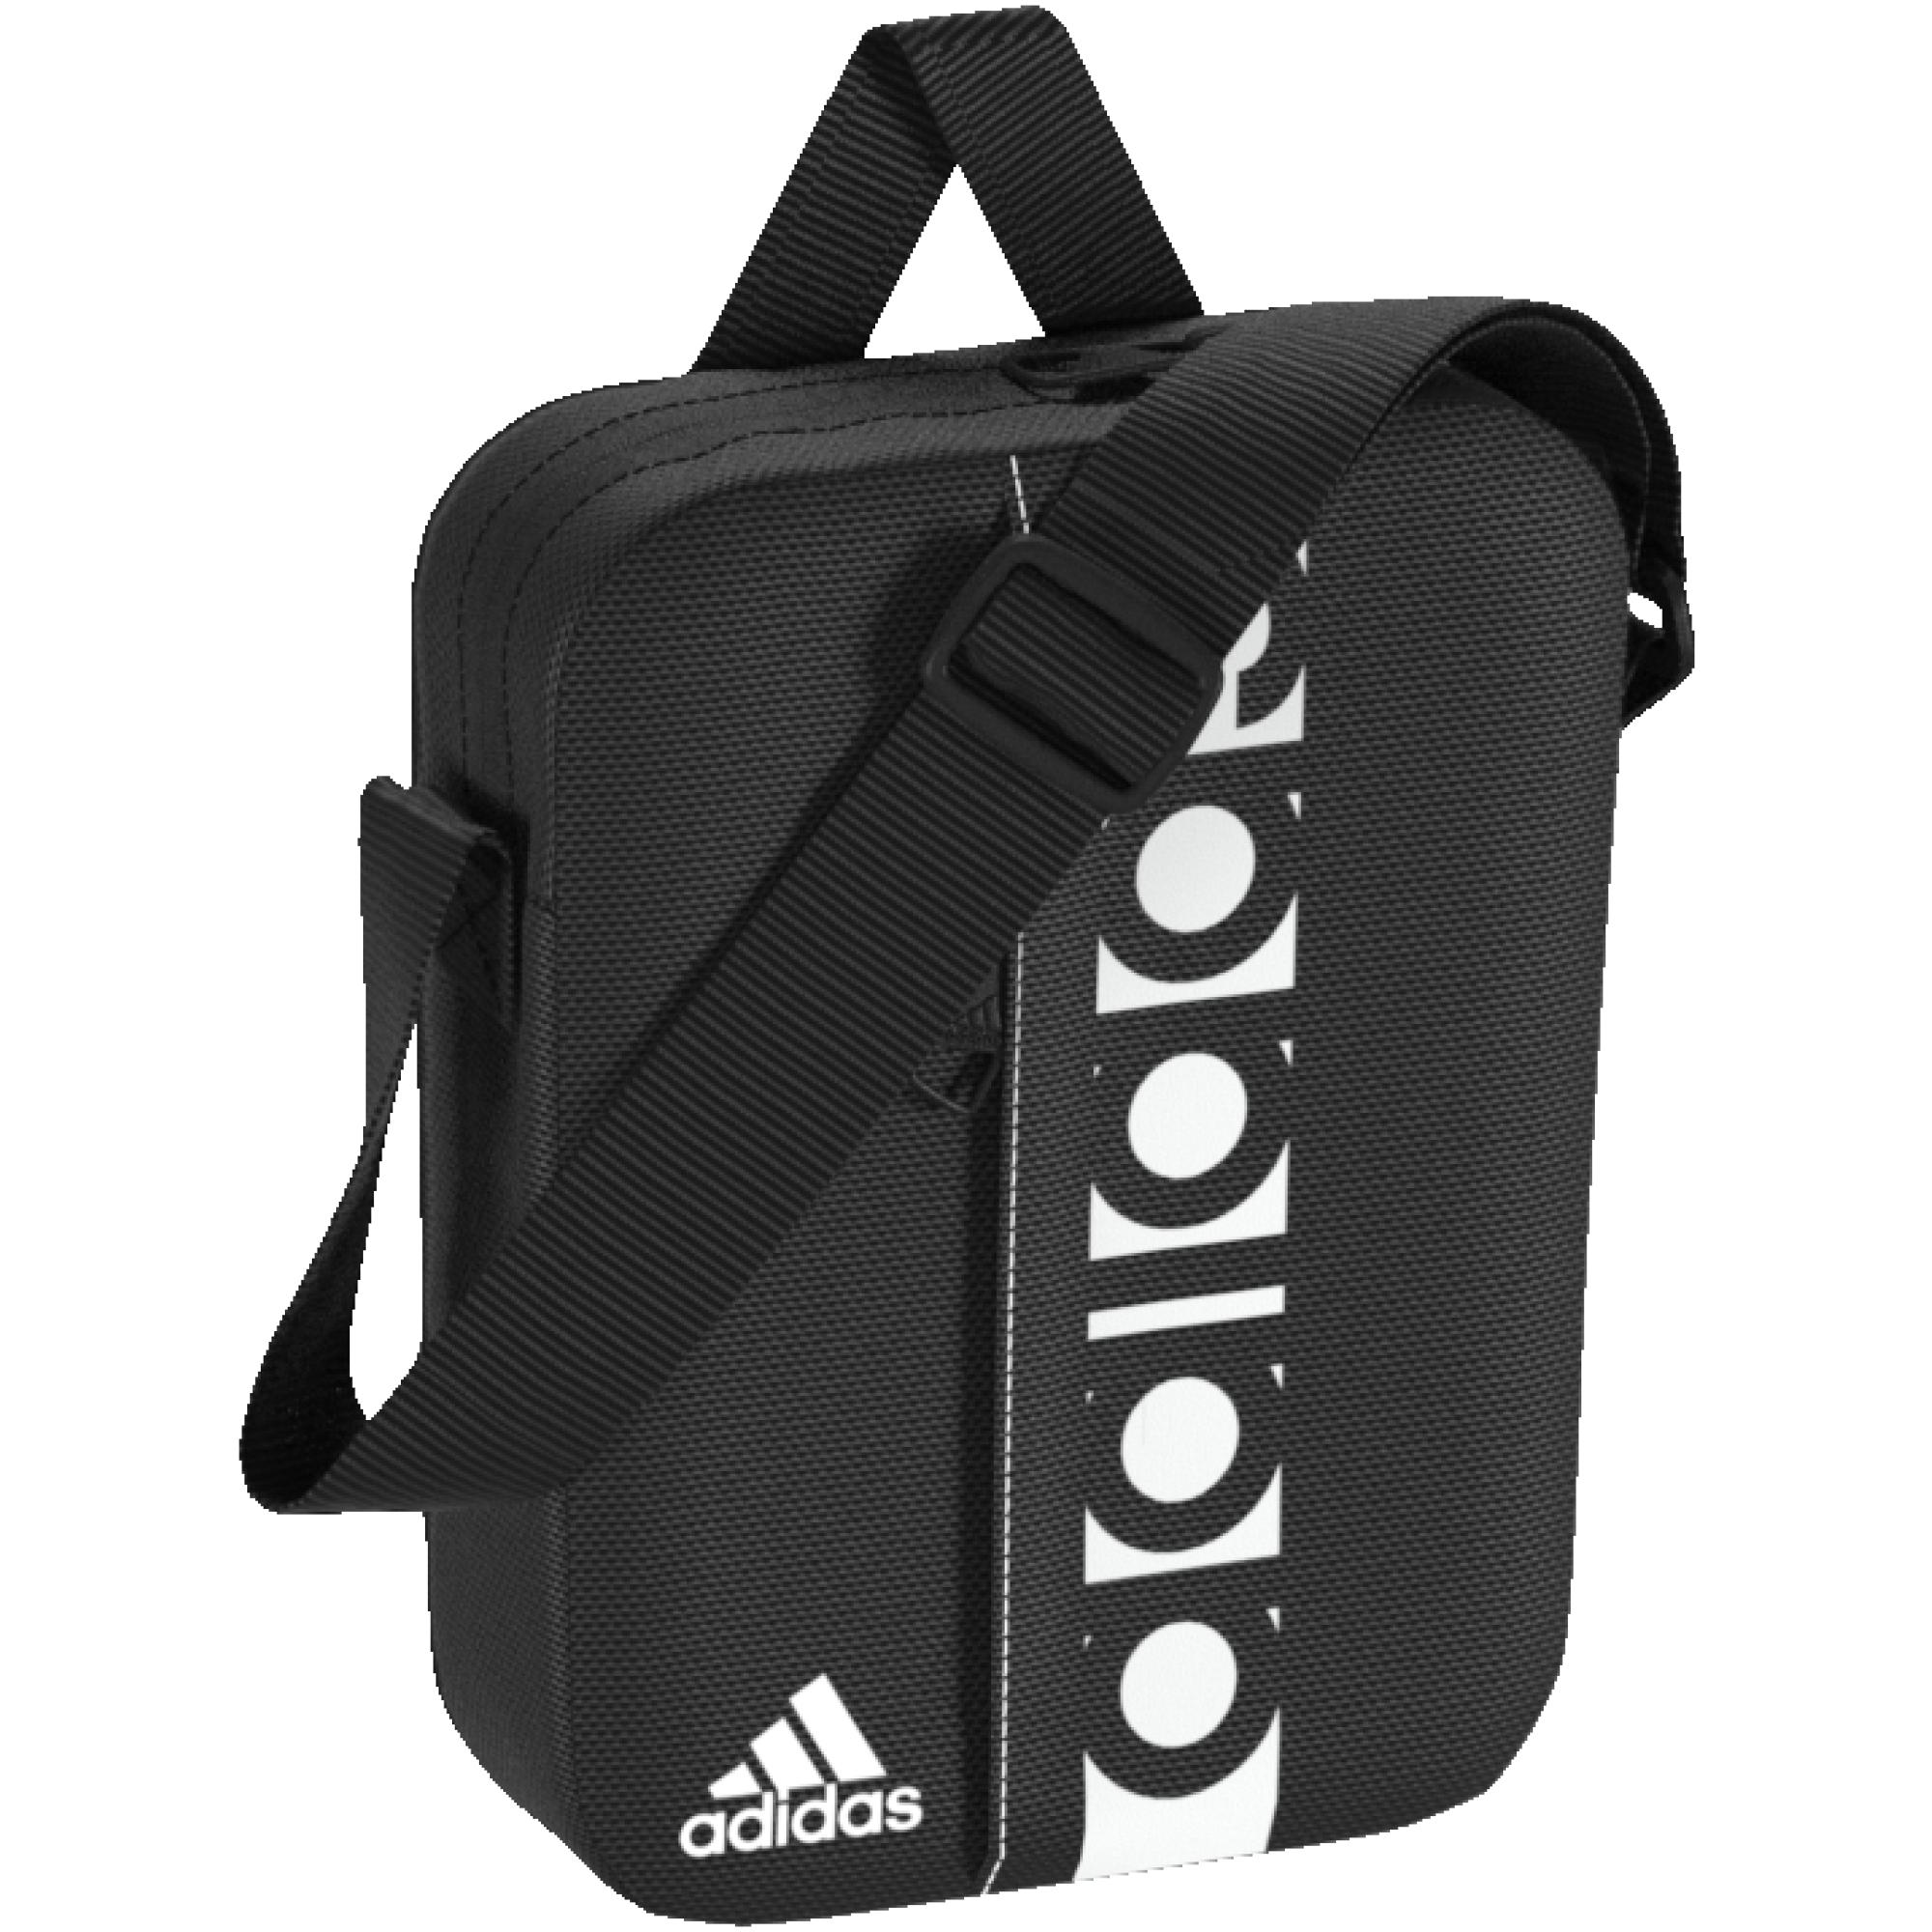 fa6572afe3 Adidas oldaltáska , Kiegészítő   oldaltáska , adidas_performance ...